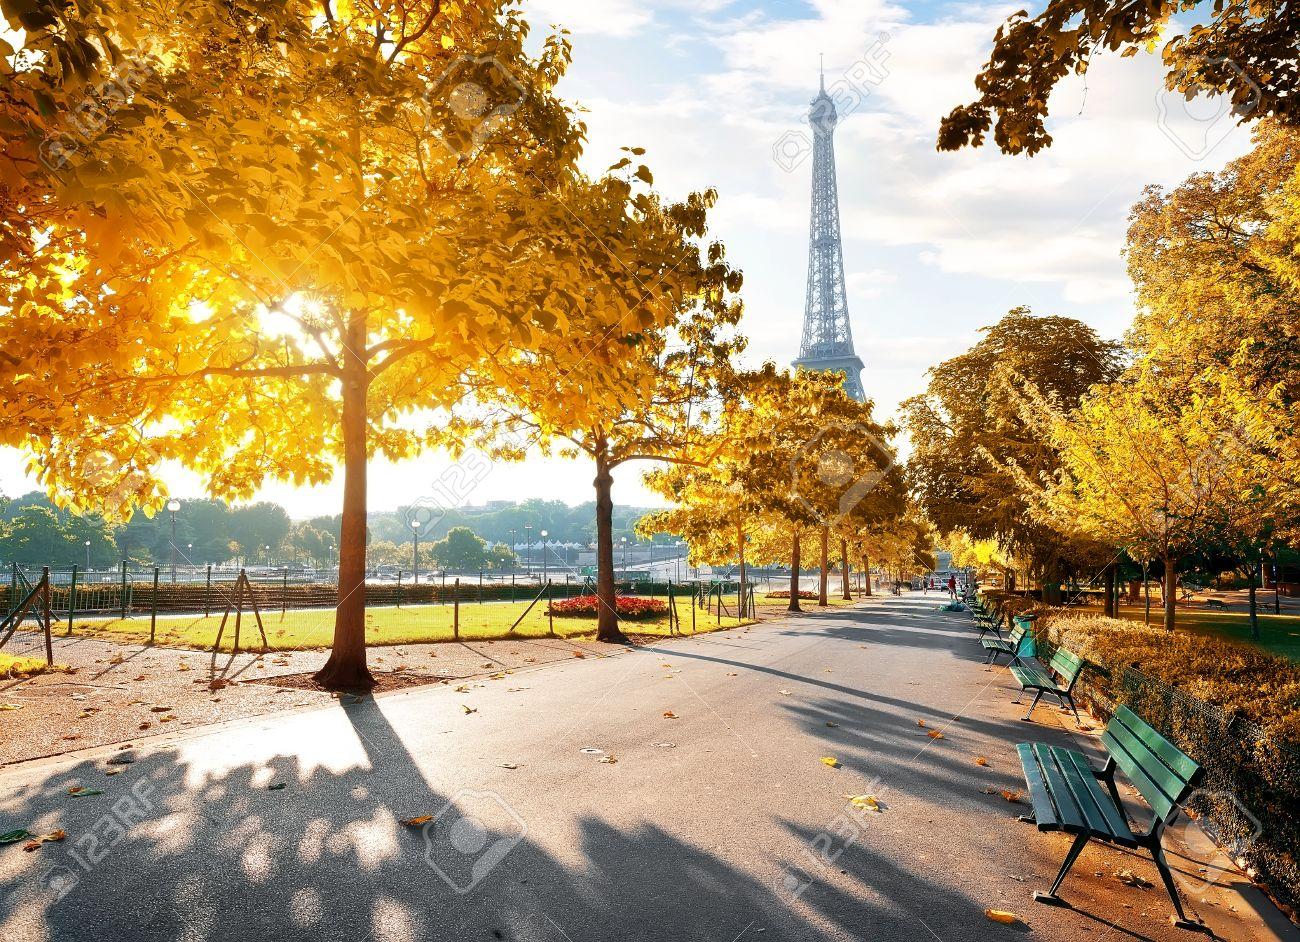 Sunny morning in Paris in autumn - 84620329